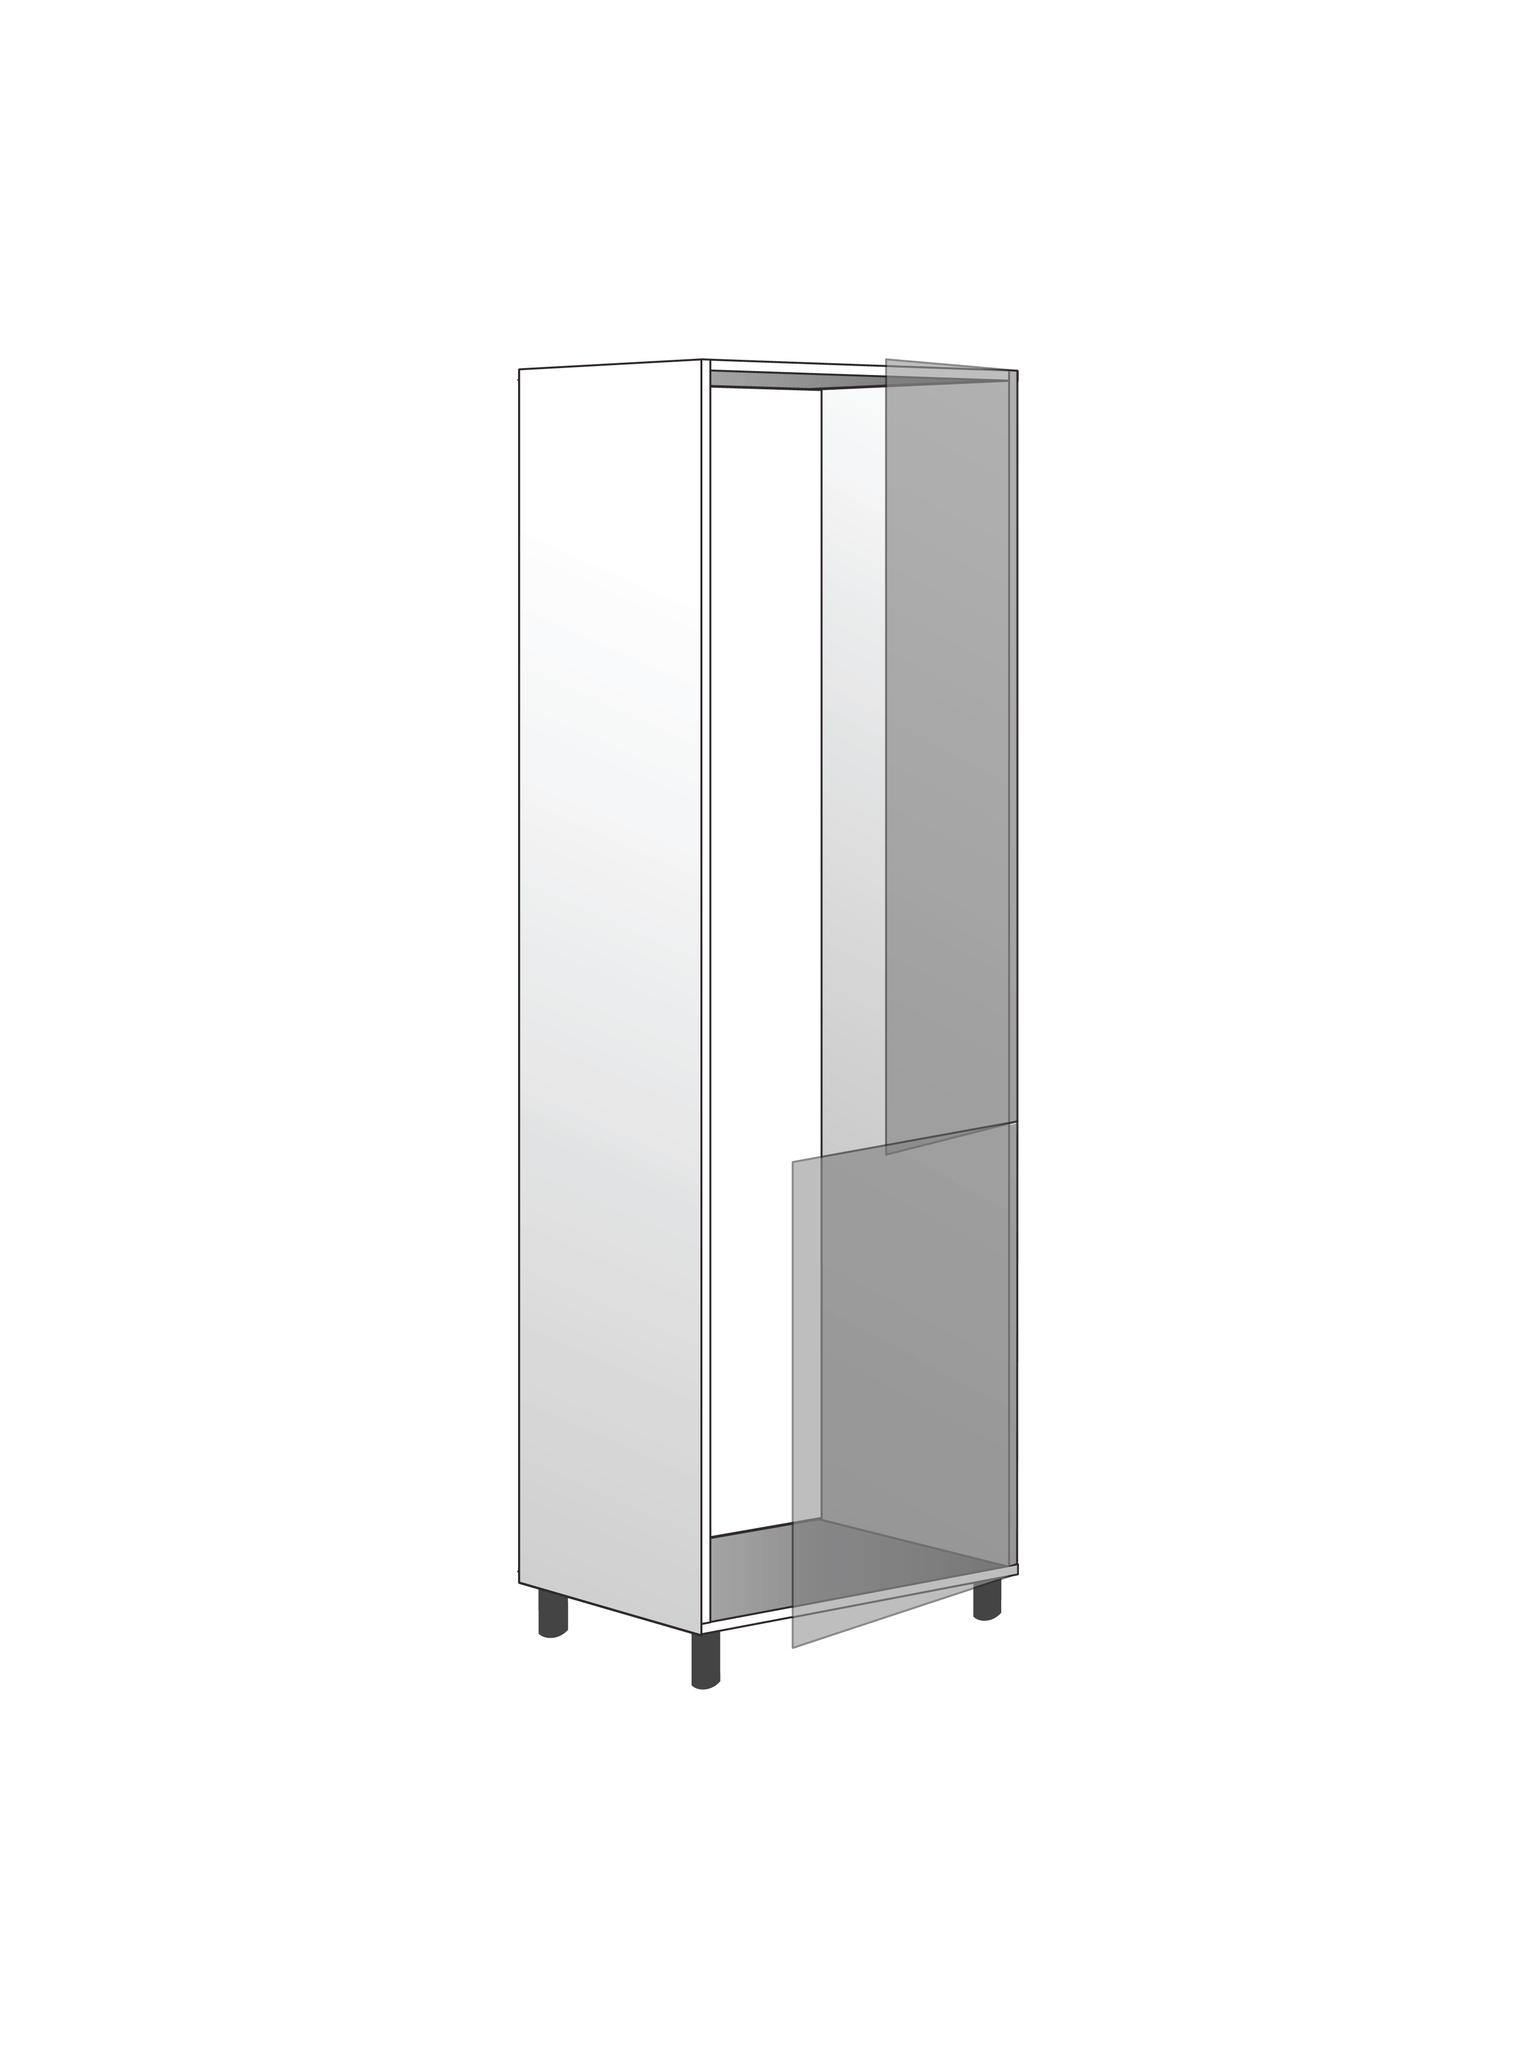 Напольный  шкаф для встроенного холодильника, 1920Х600 мм